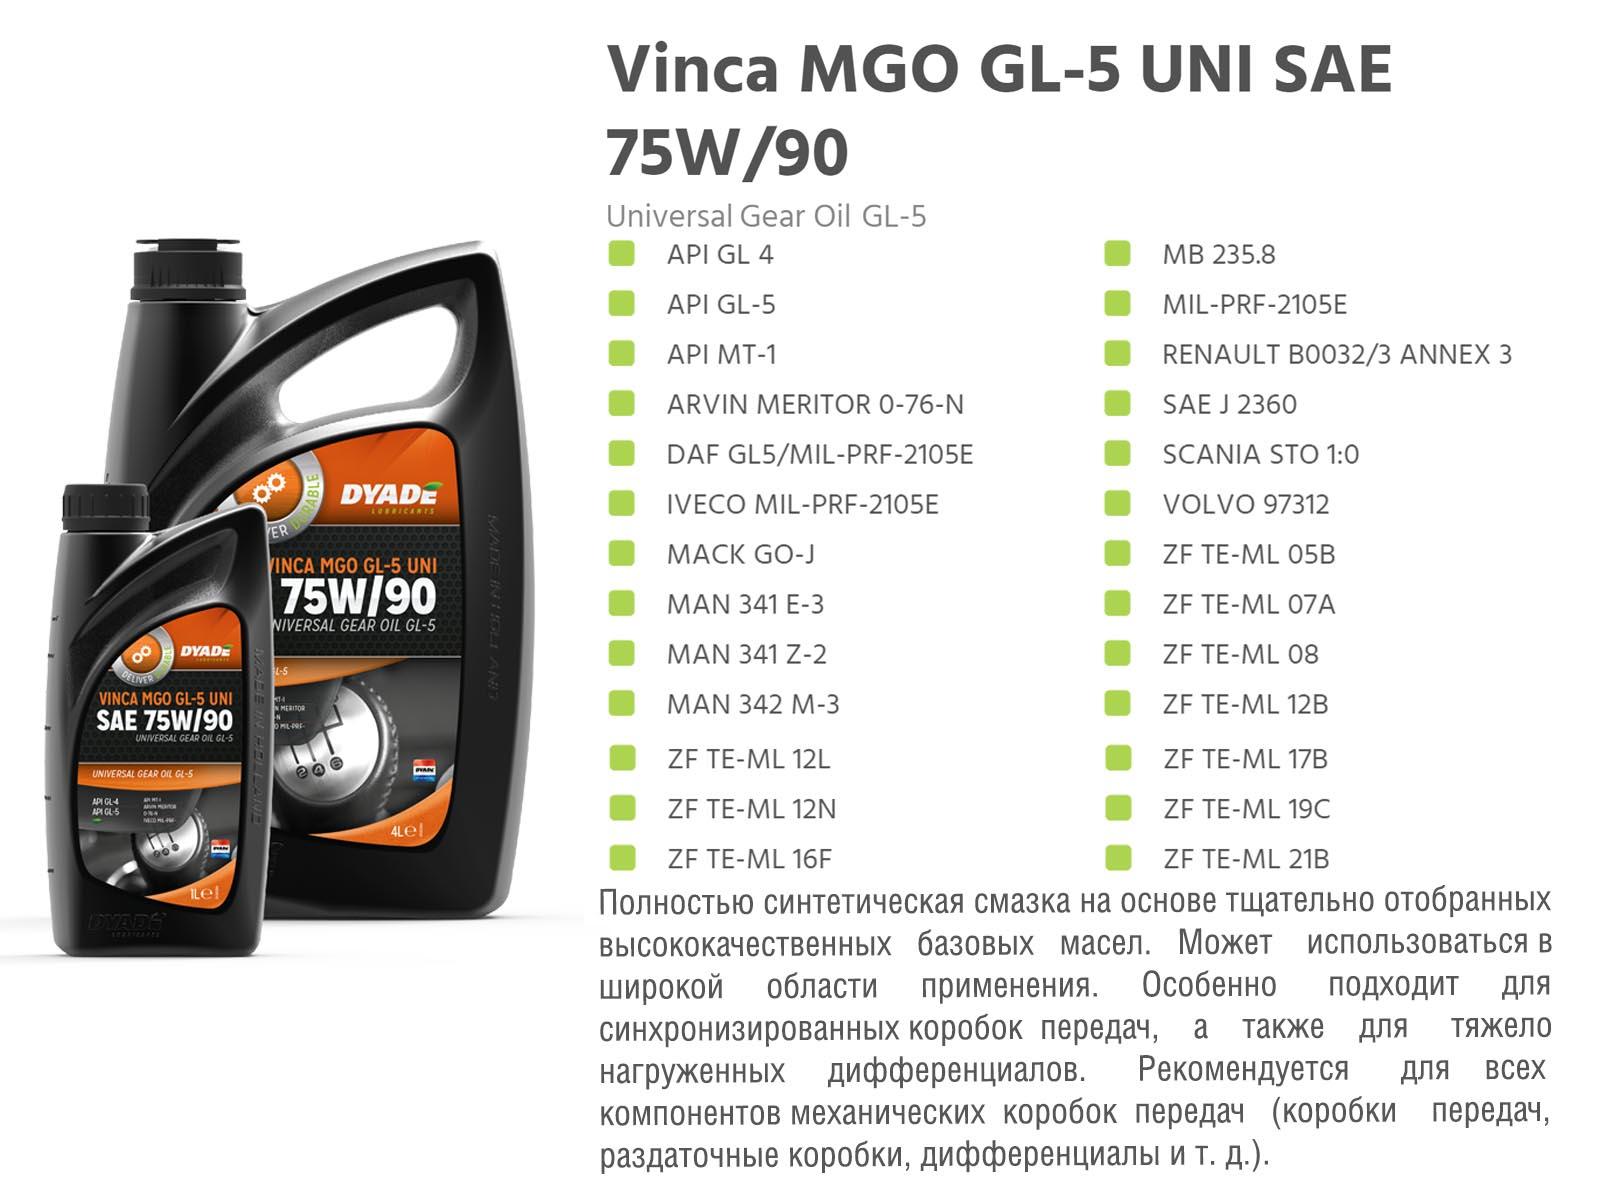 Масло трансмиссионное Vinca MGO GL-4/5 UNI SAE 75W90 (1L) 085748 dyadelubricants